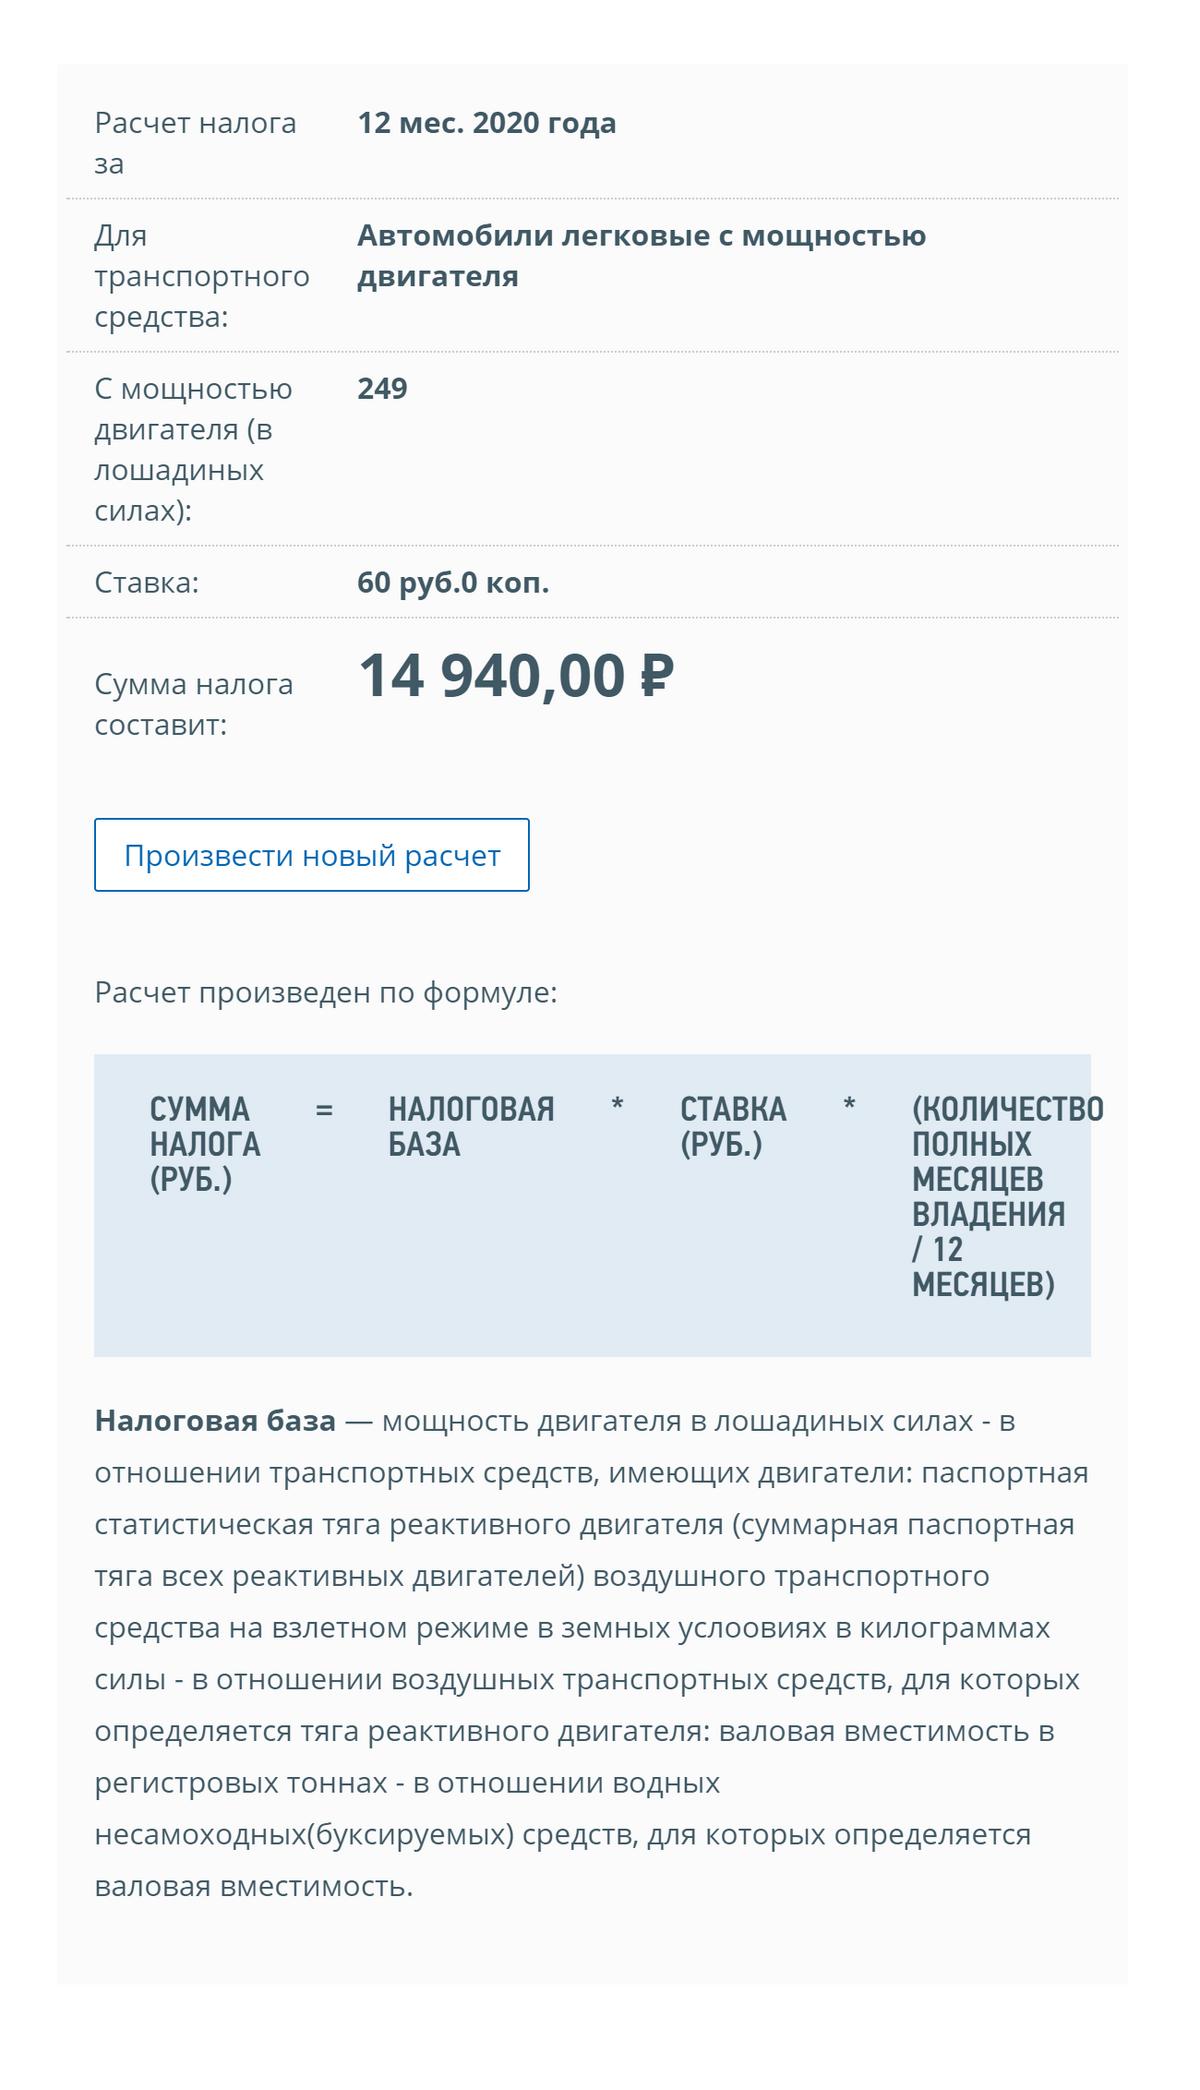 Расчет транспортного налога для Тойоты с двигателем мощностью 249лошадиных сил, если собственник живет в Хабаровске и владел машиной весь 2020год